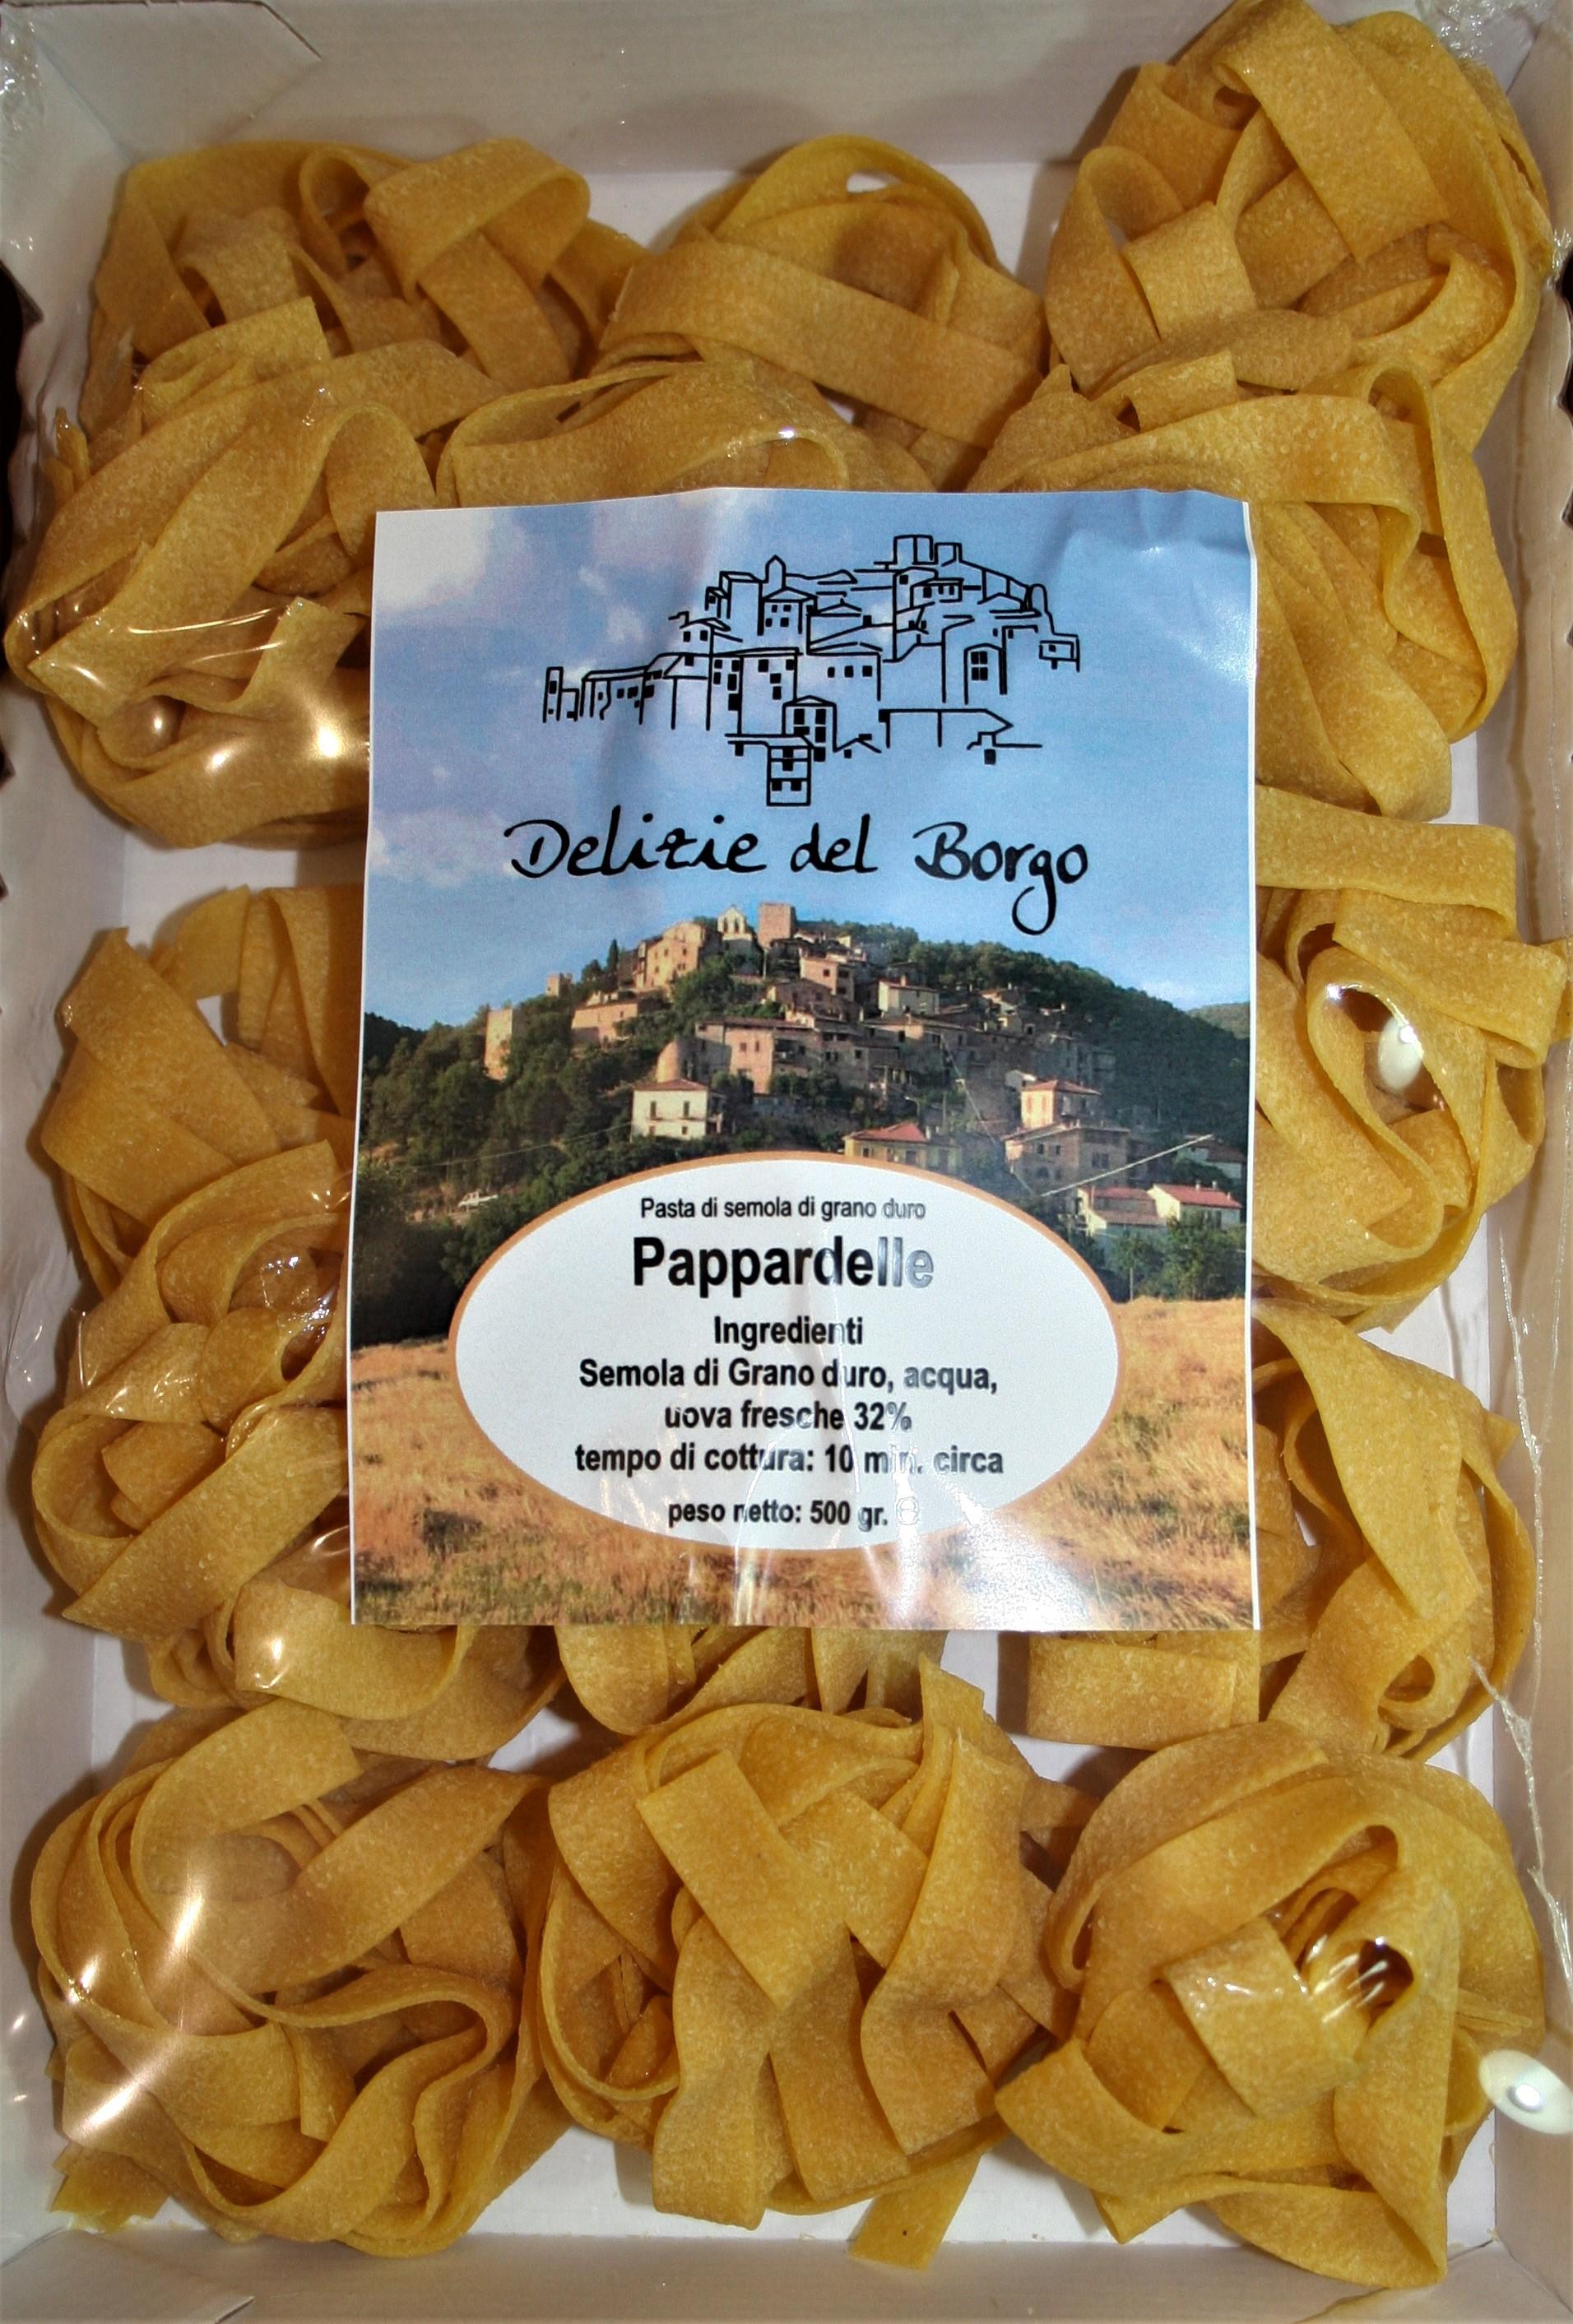 Pappardelle all'Uovo del Borgo